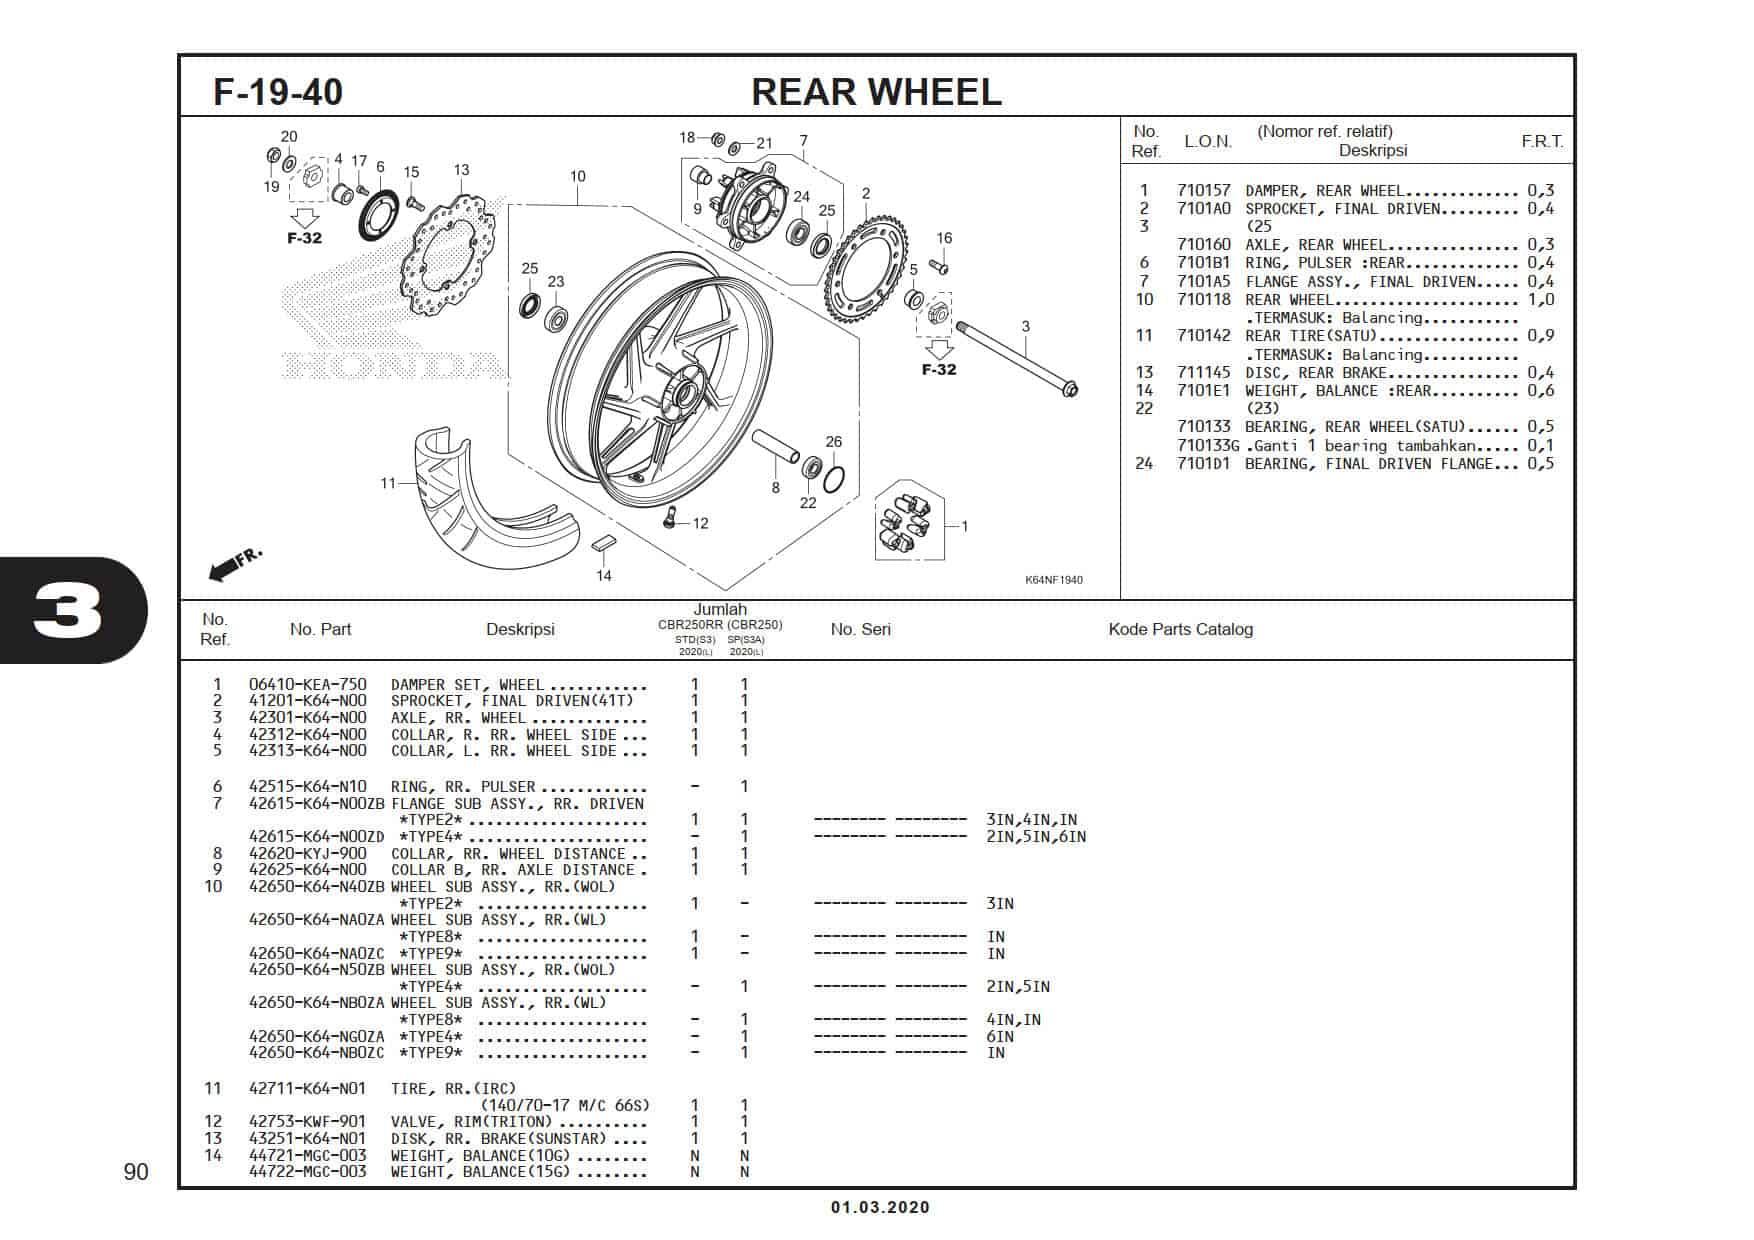 F-19-40 Rear Wheel